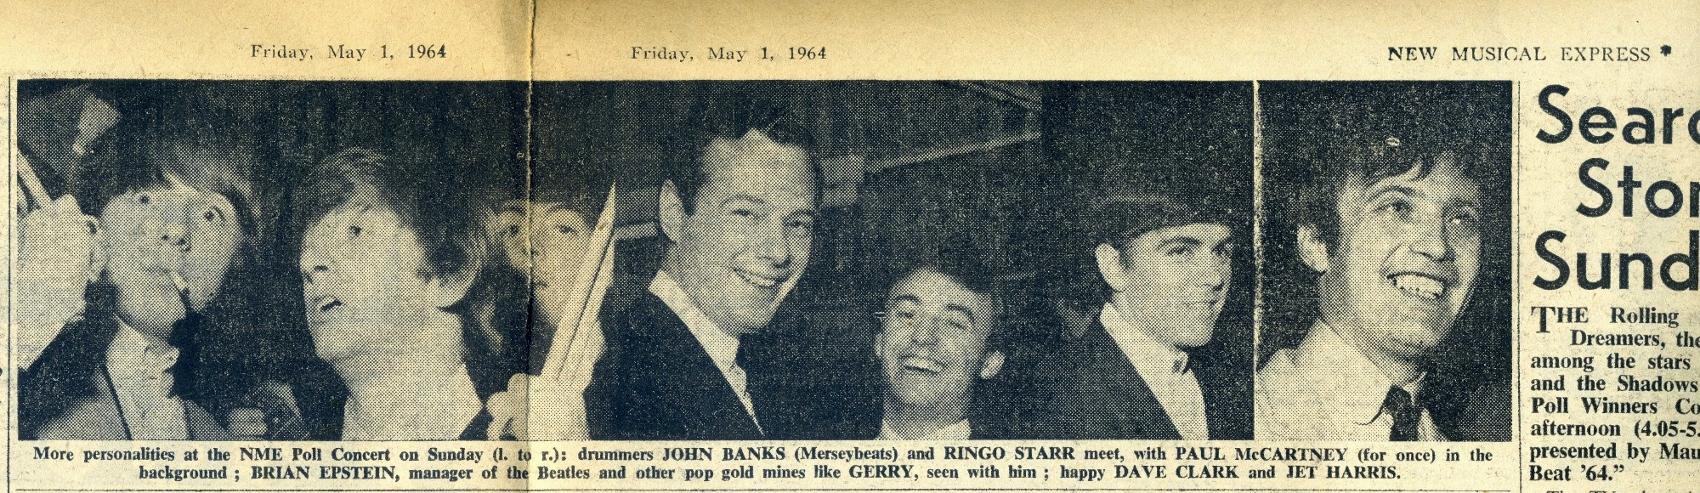 המתופפים ג'ון בנקס (מרסיביטס) ורינגו סטאר, עם פול מקארטני (לשם שינוי) ברקע